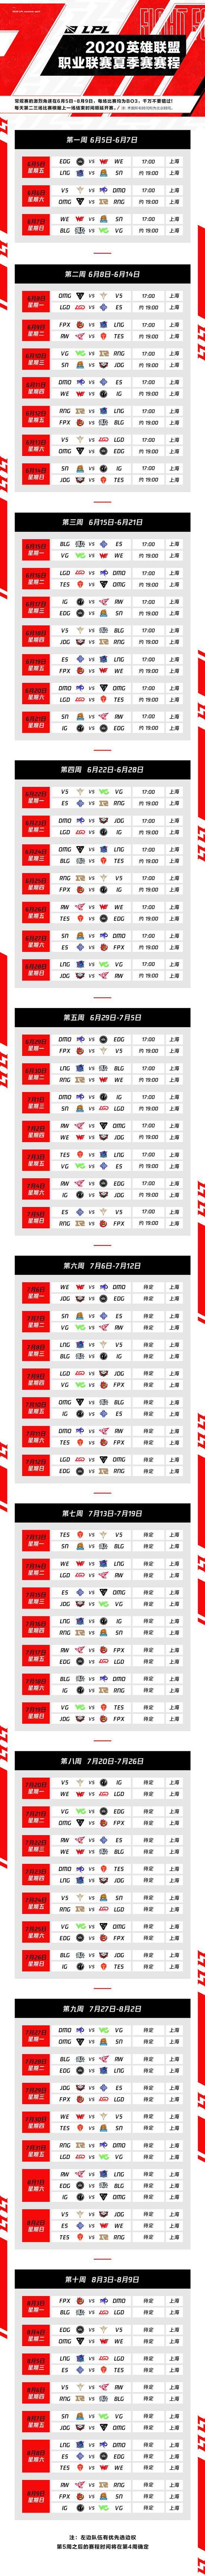 2020LPL夏季賽賽程